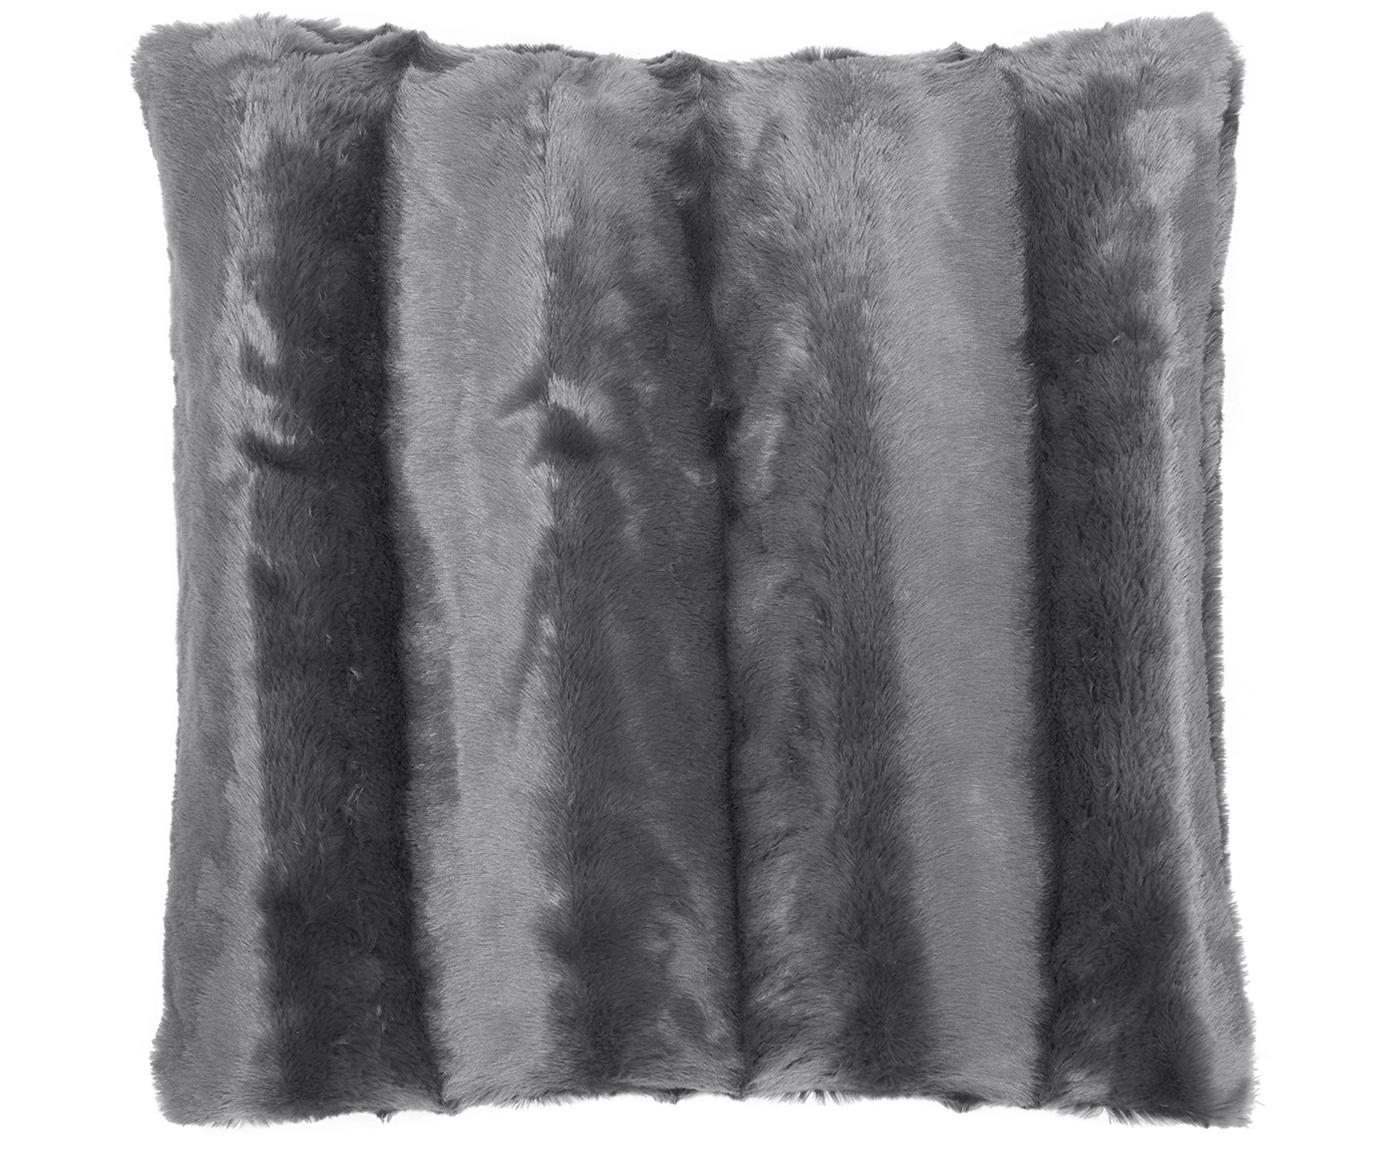 Kunstfell-Kissenhülle Alva in Dunkelgrau, 100% Polyester (Kunstfell), Dunkelgrau, 45 x 45 cm